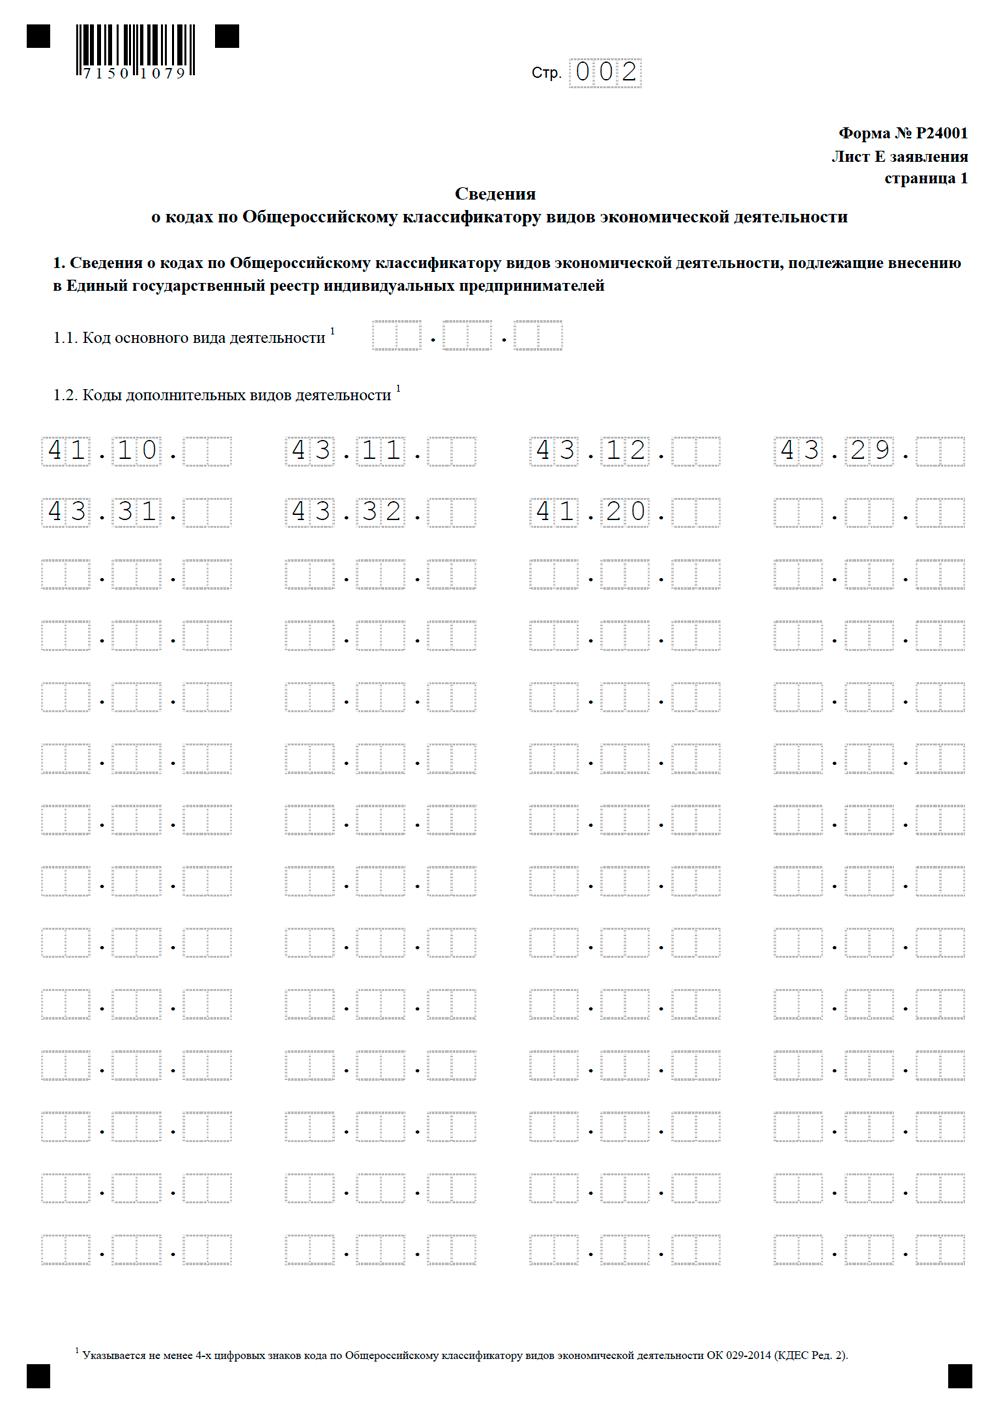 Форма 24001: образец заполнения при добавлении оквэд.